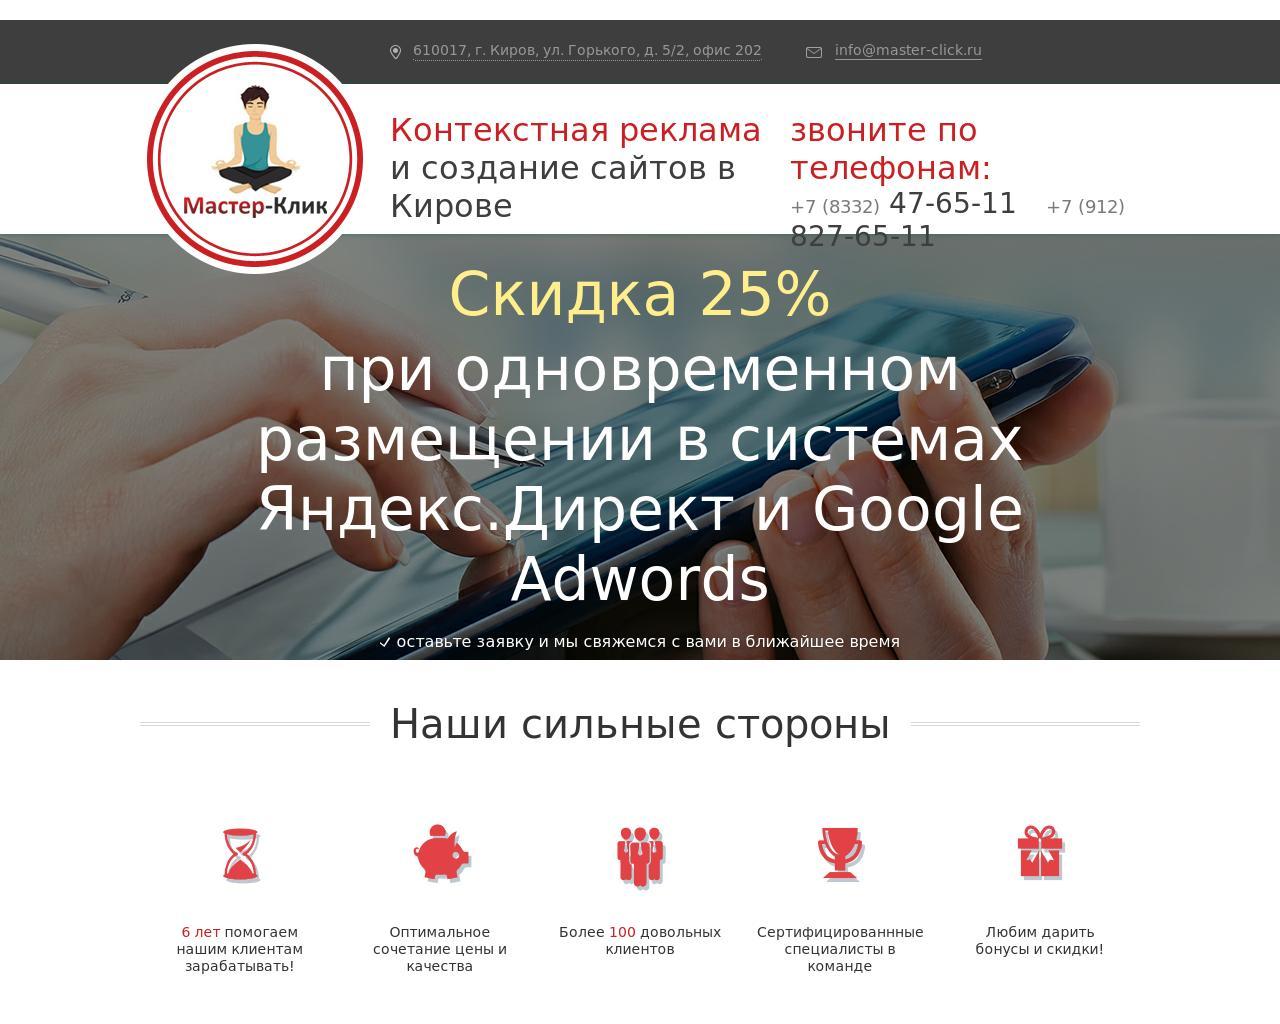 Реклама на сайтах сми санкт-петербурга получить сертификат яндекс директ профессиональный пользователь